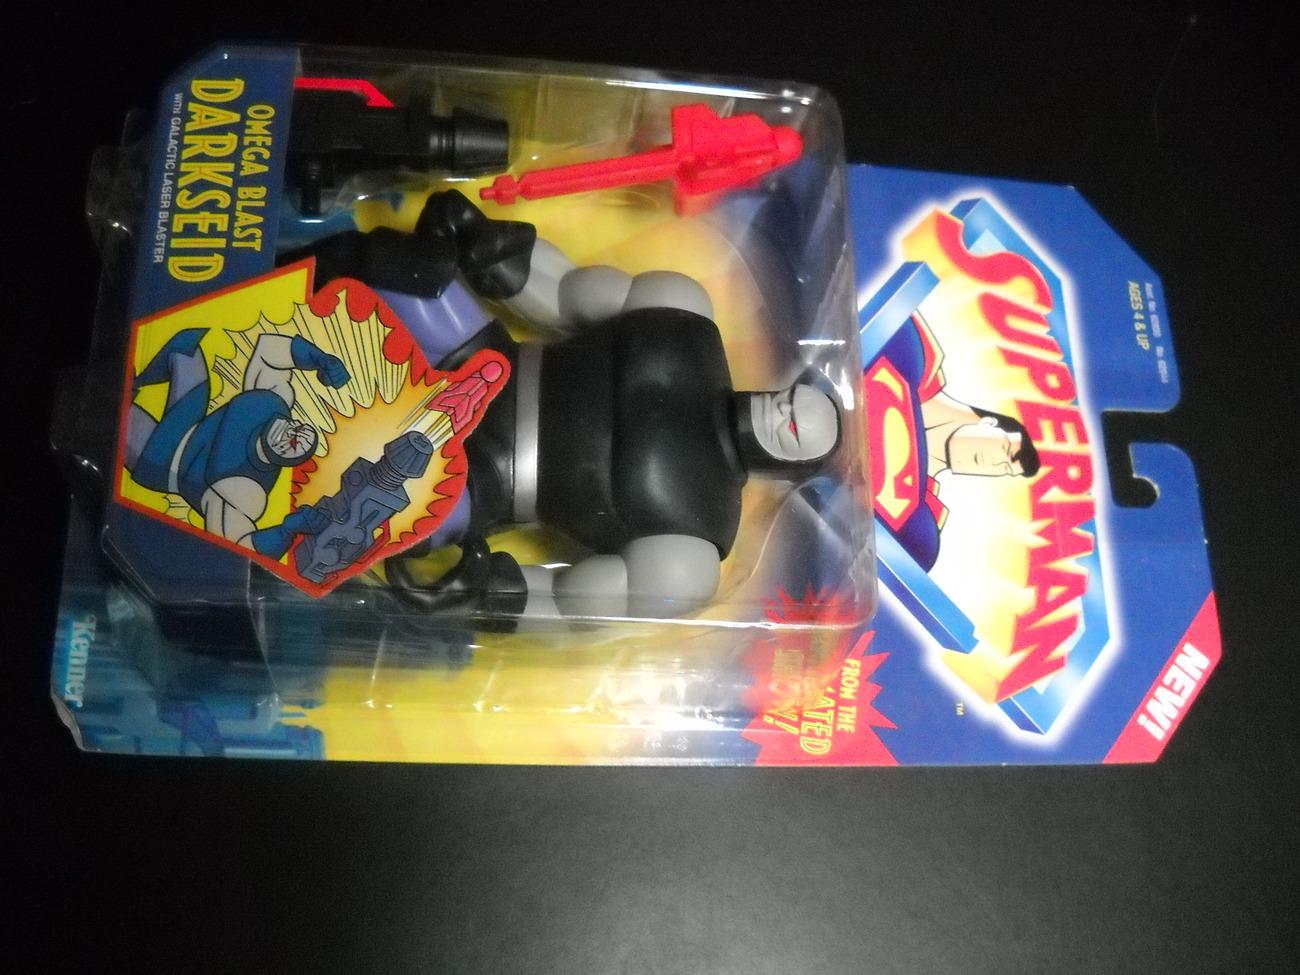 Toy superman kenner 1996 animated series darkseid moc 02